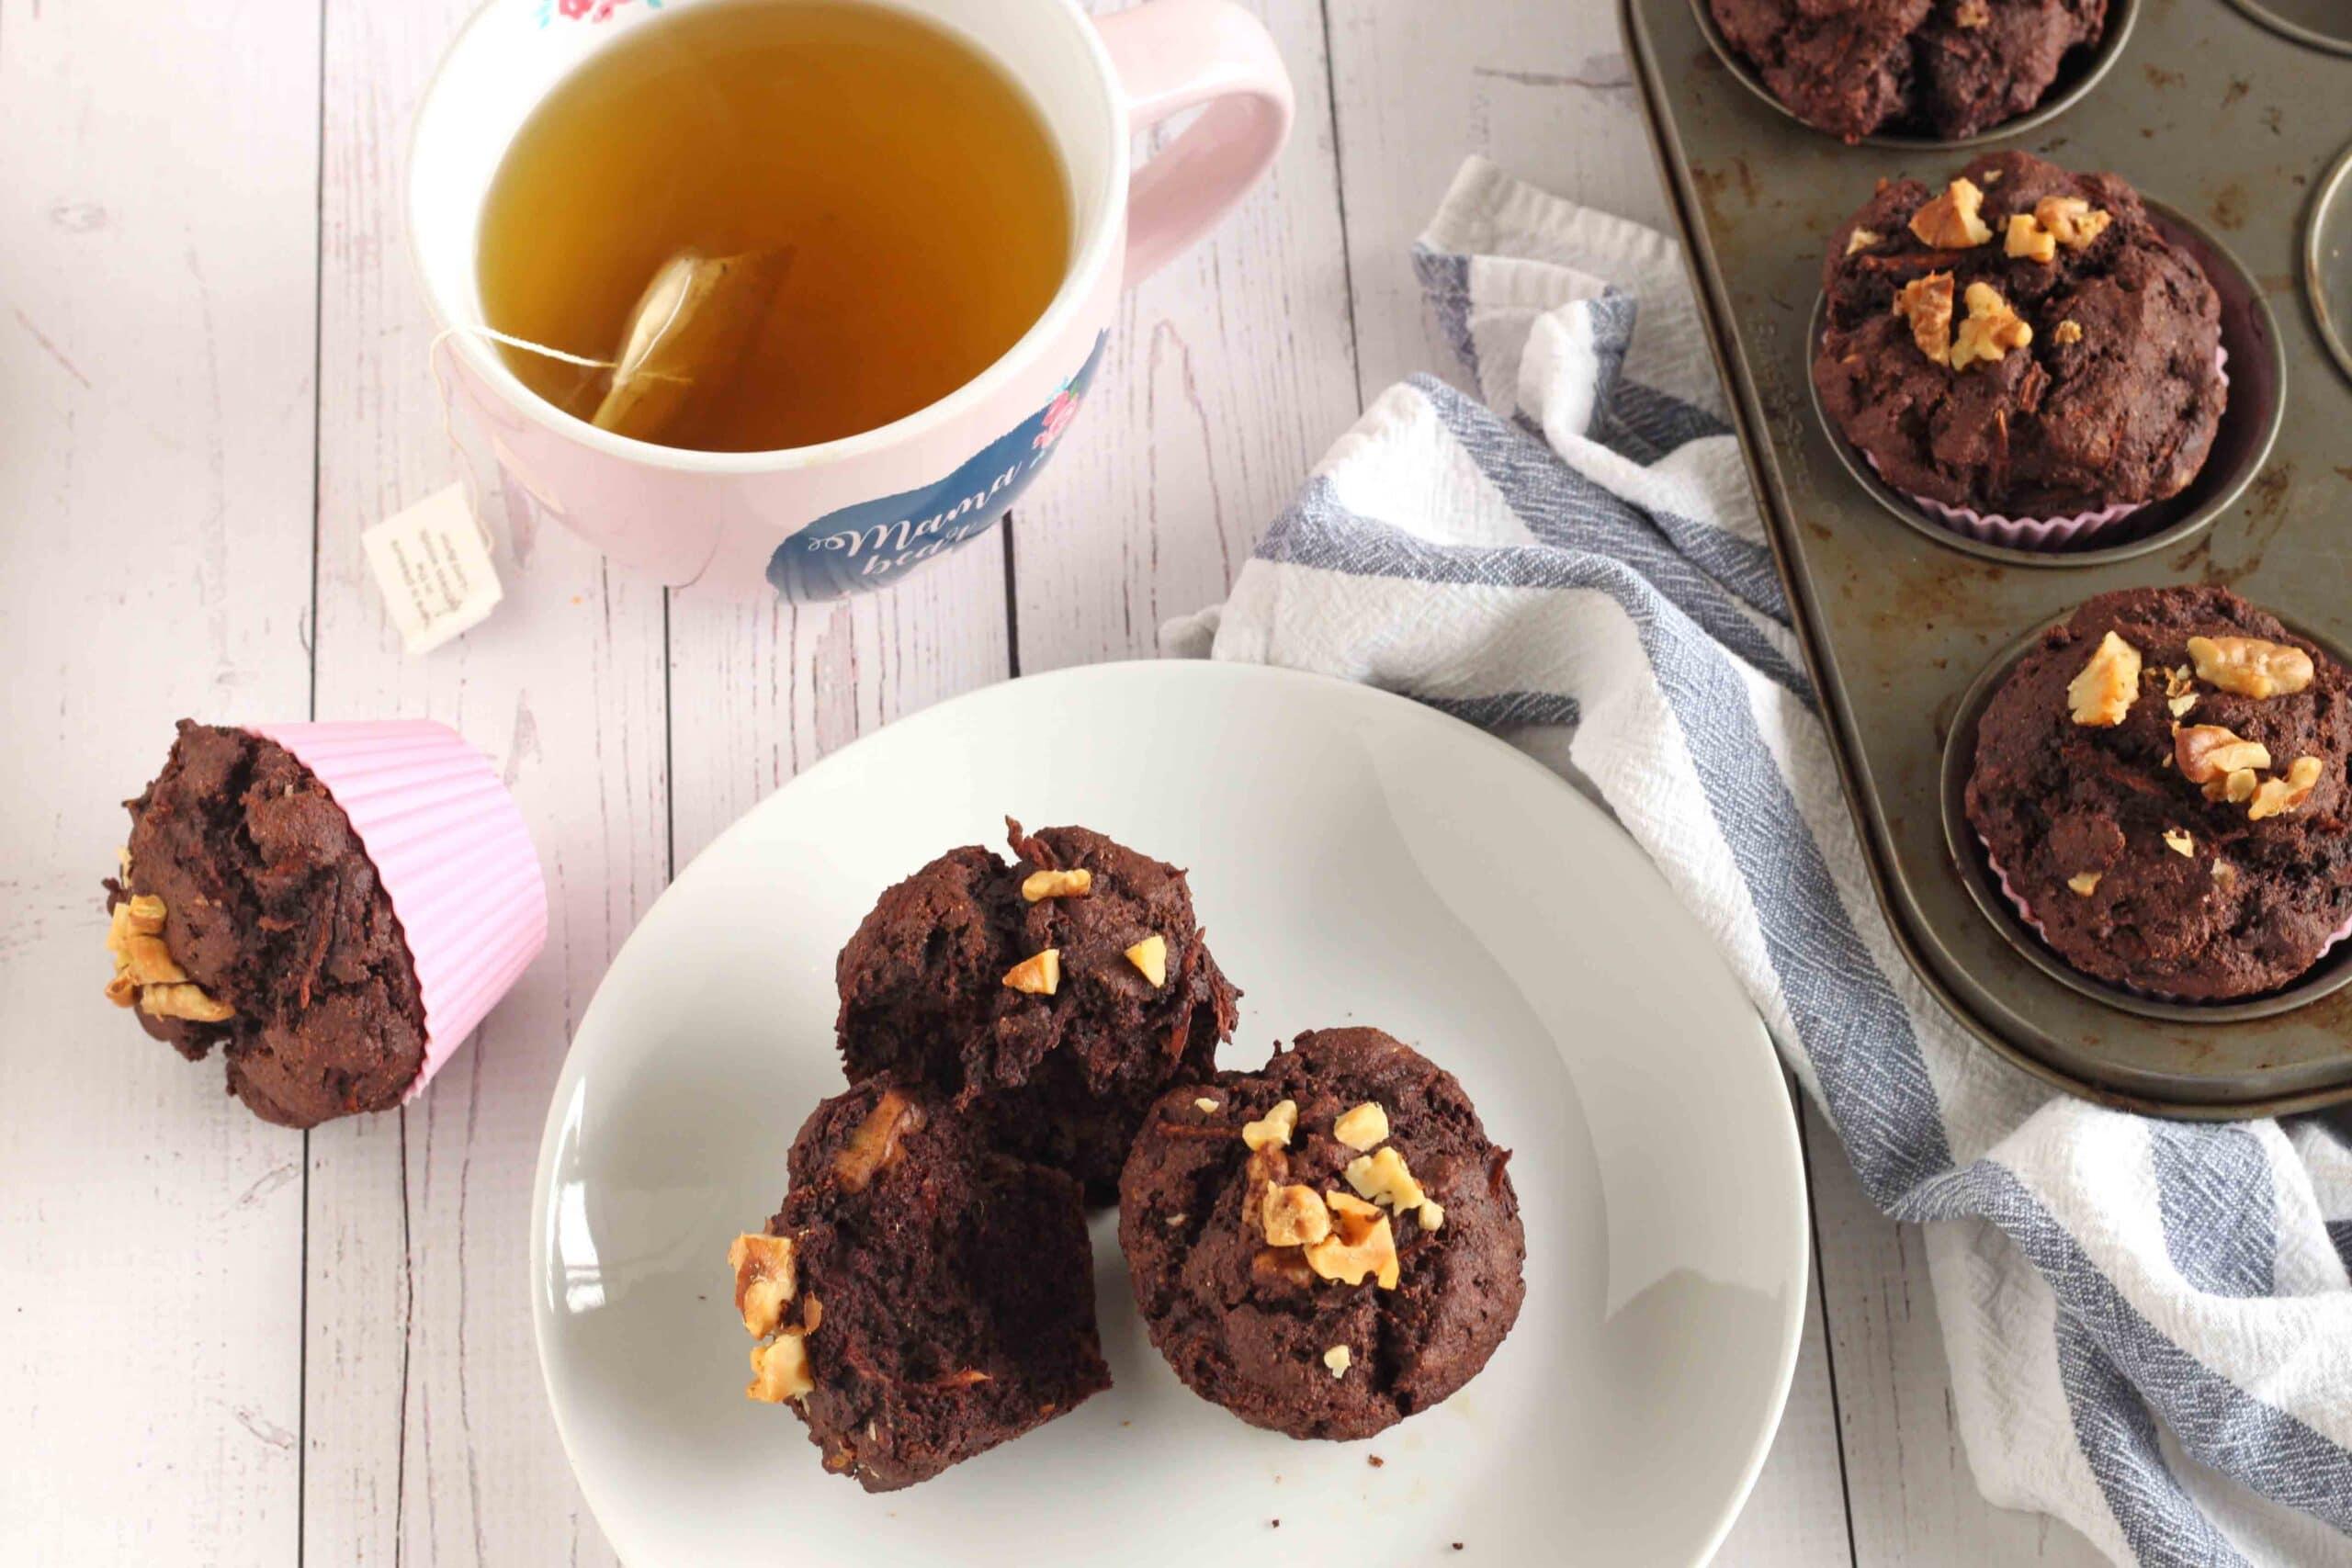 Chocolate Zucchini Muffins by Jesse Lane Lee